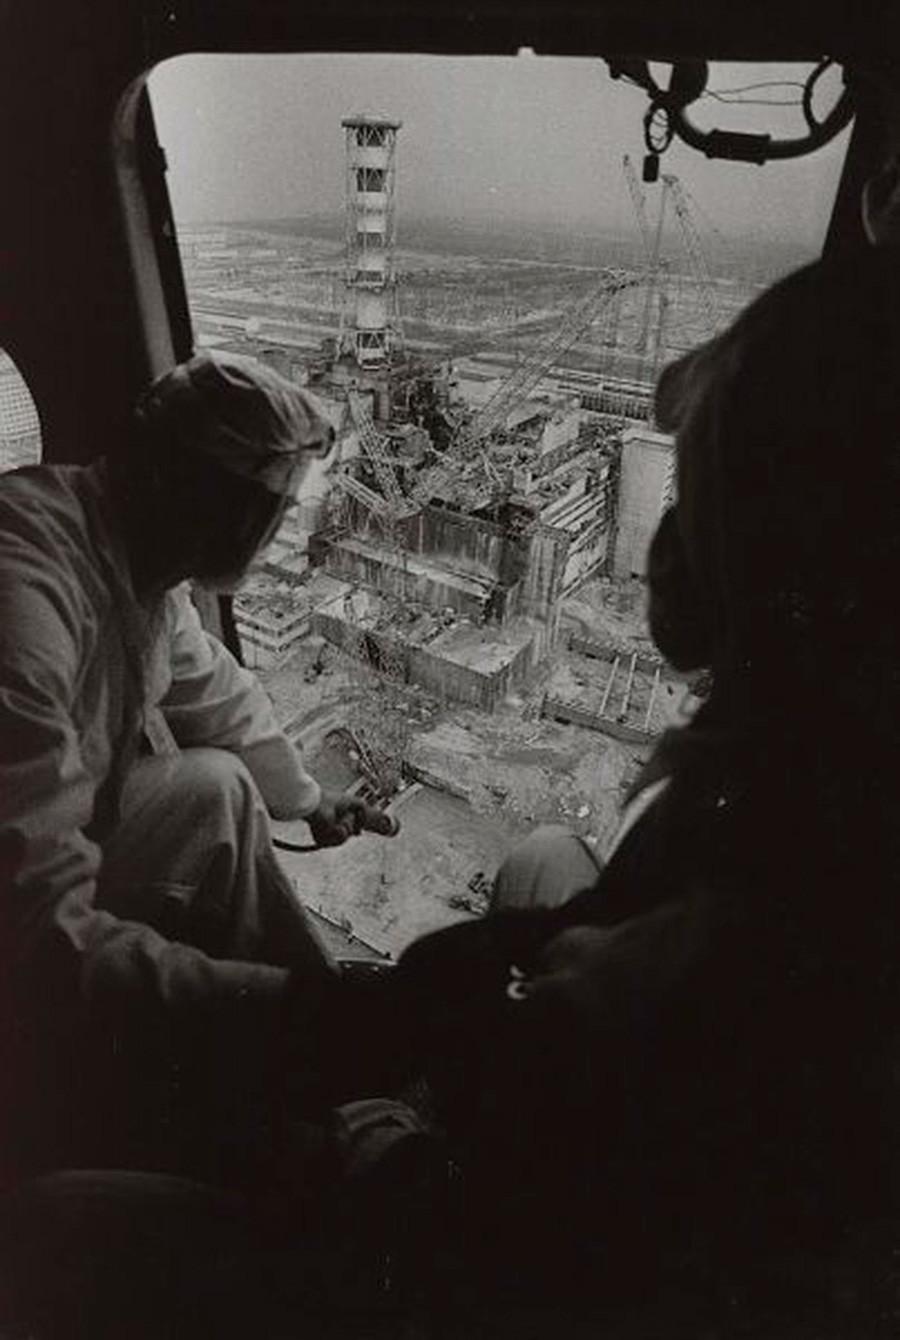 Pengukuran radiasi Chernobyl dari helikopter, 1986.